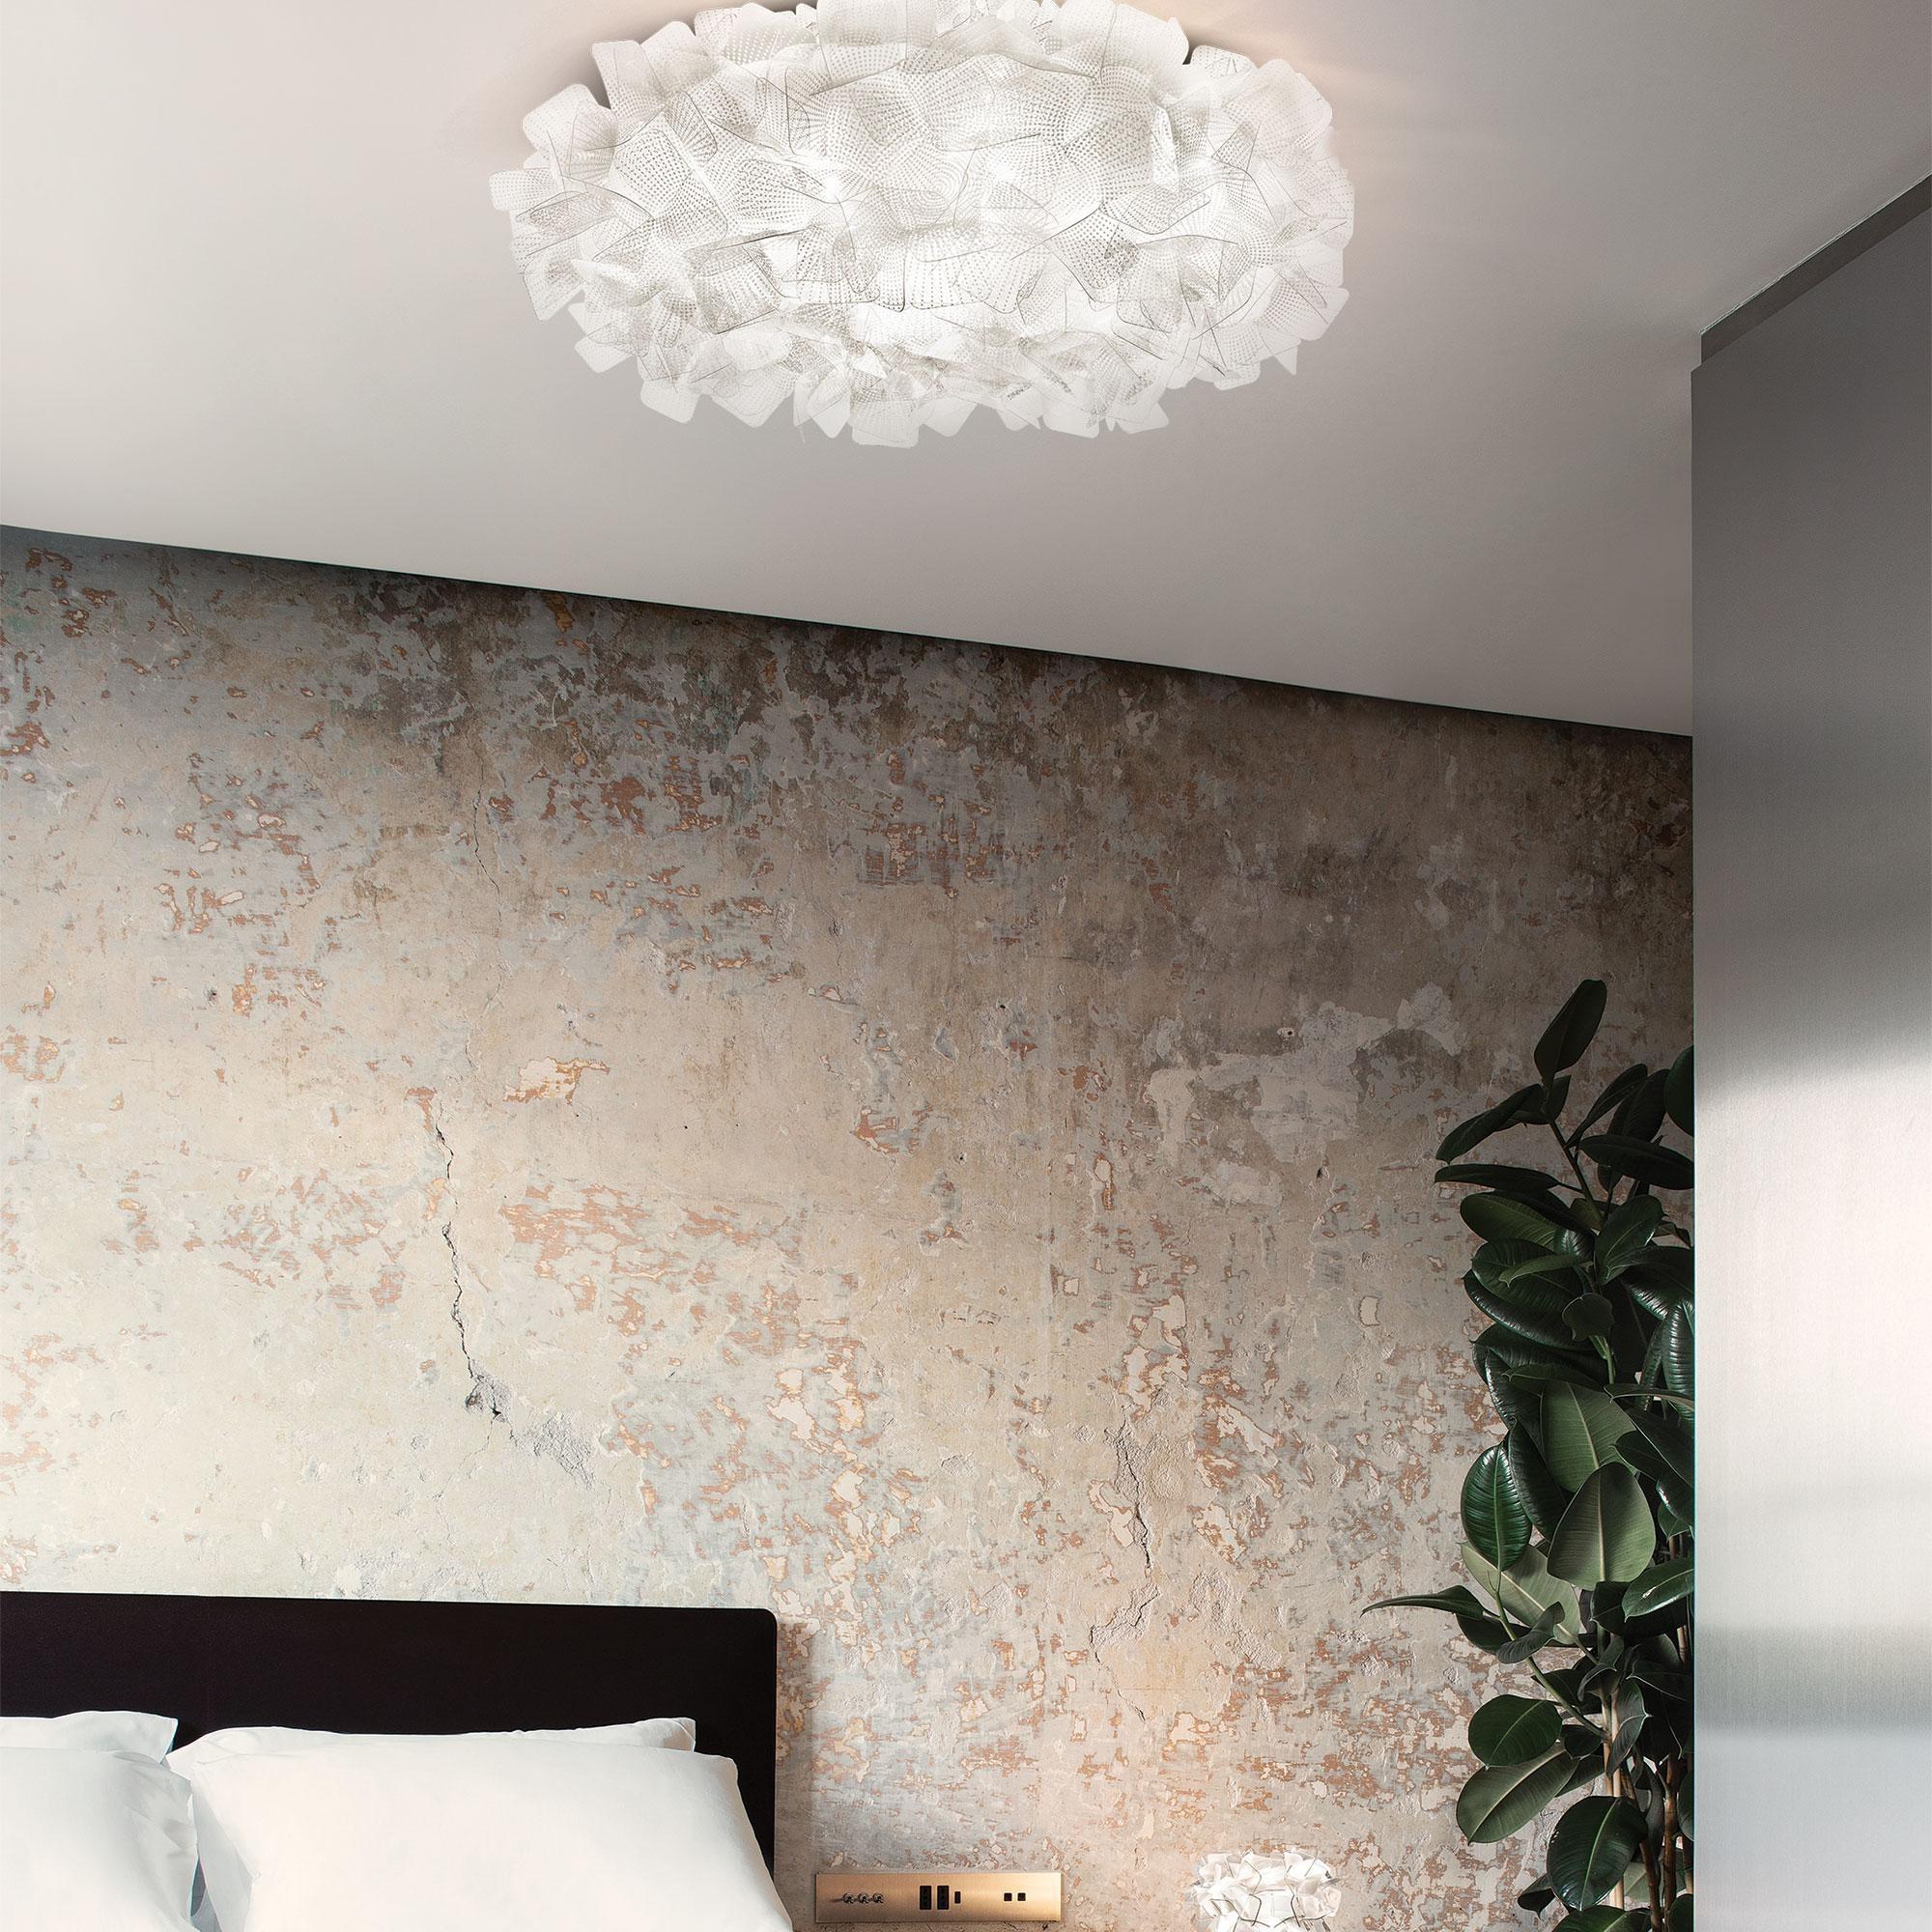 Full Size of Slamp Clizia Pixel Wand Deckenleuchte L Ambientedirect Klapptisch Küche Garten Wohnzimmer Wand:ylp2gzuwkdi= Klapptisch